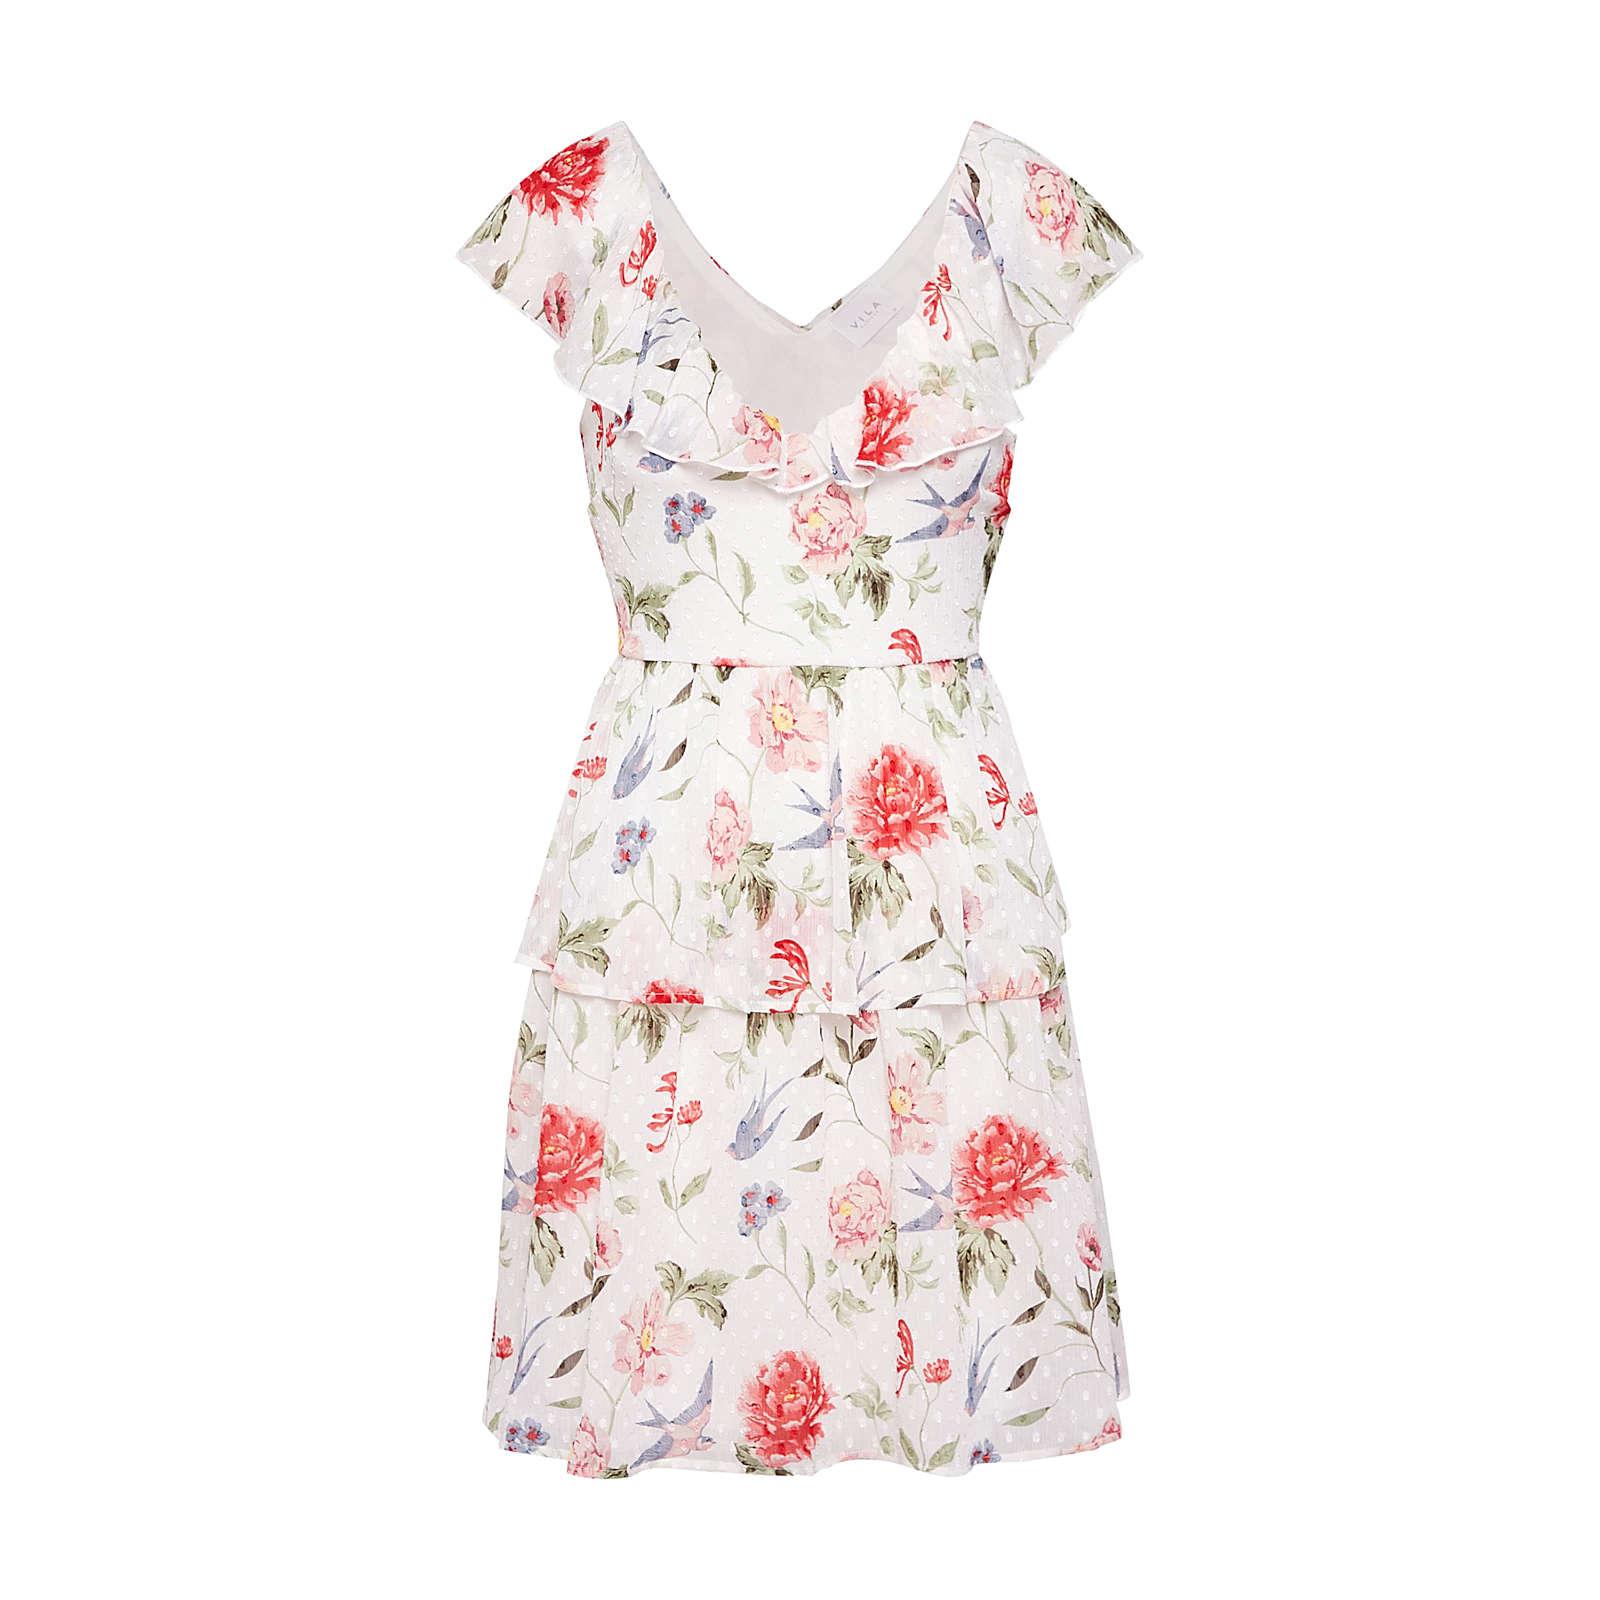 VILA Sommerkleid Sommerkleider rosa Damen Gr. 36